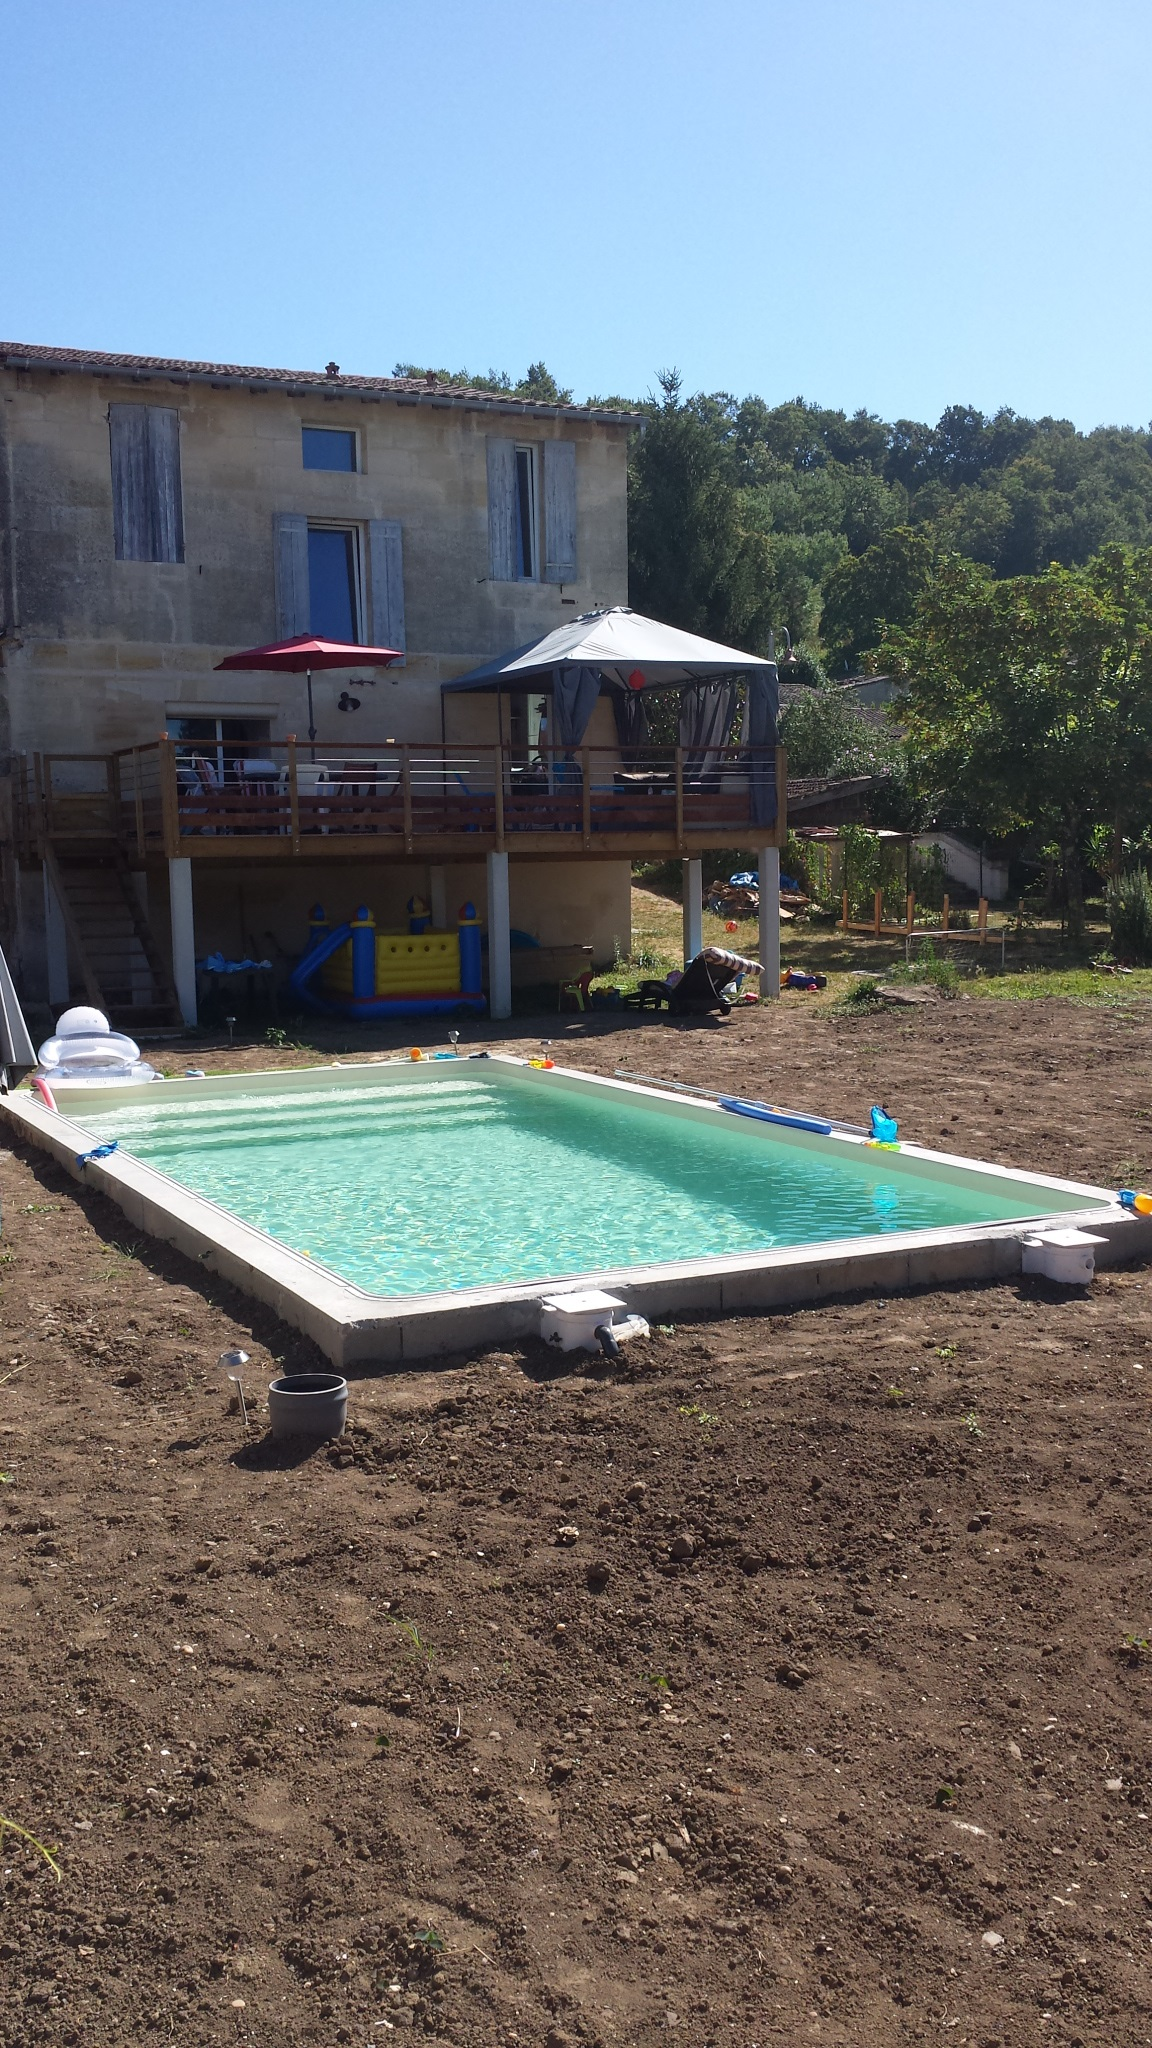 Piscine ma u00e7onn u00e9e + terrasse sur u00e9lev u00e9e (Gironde 33